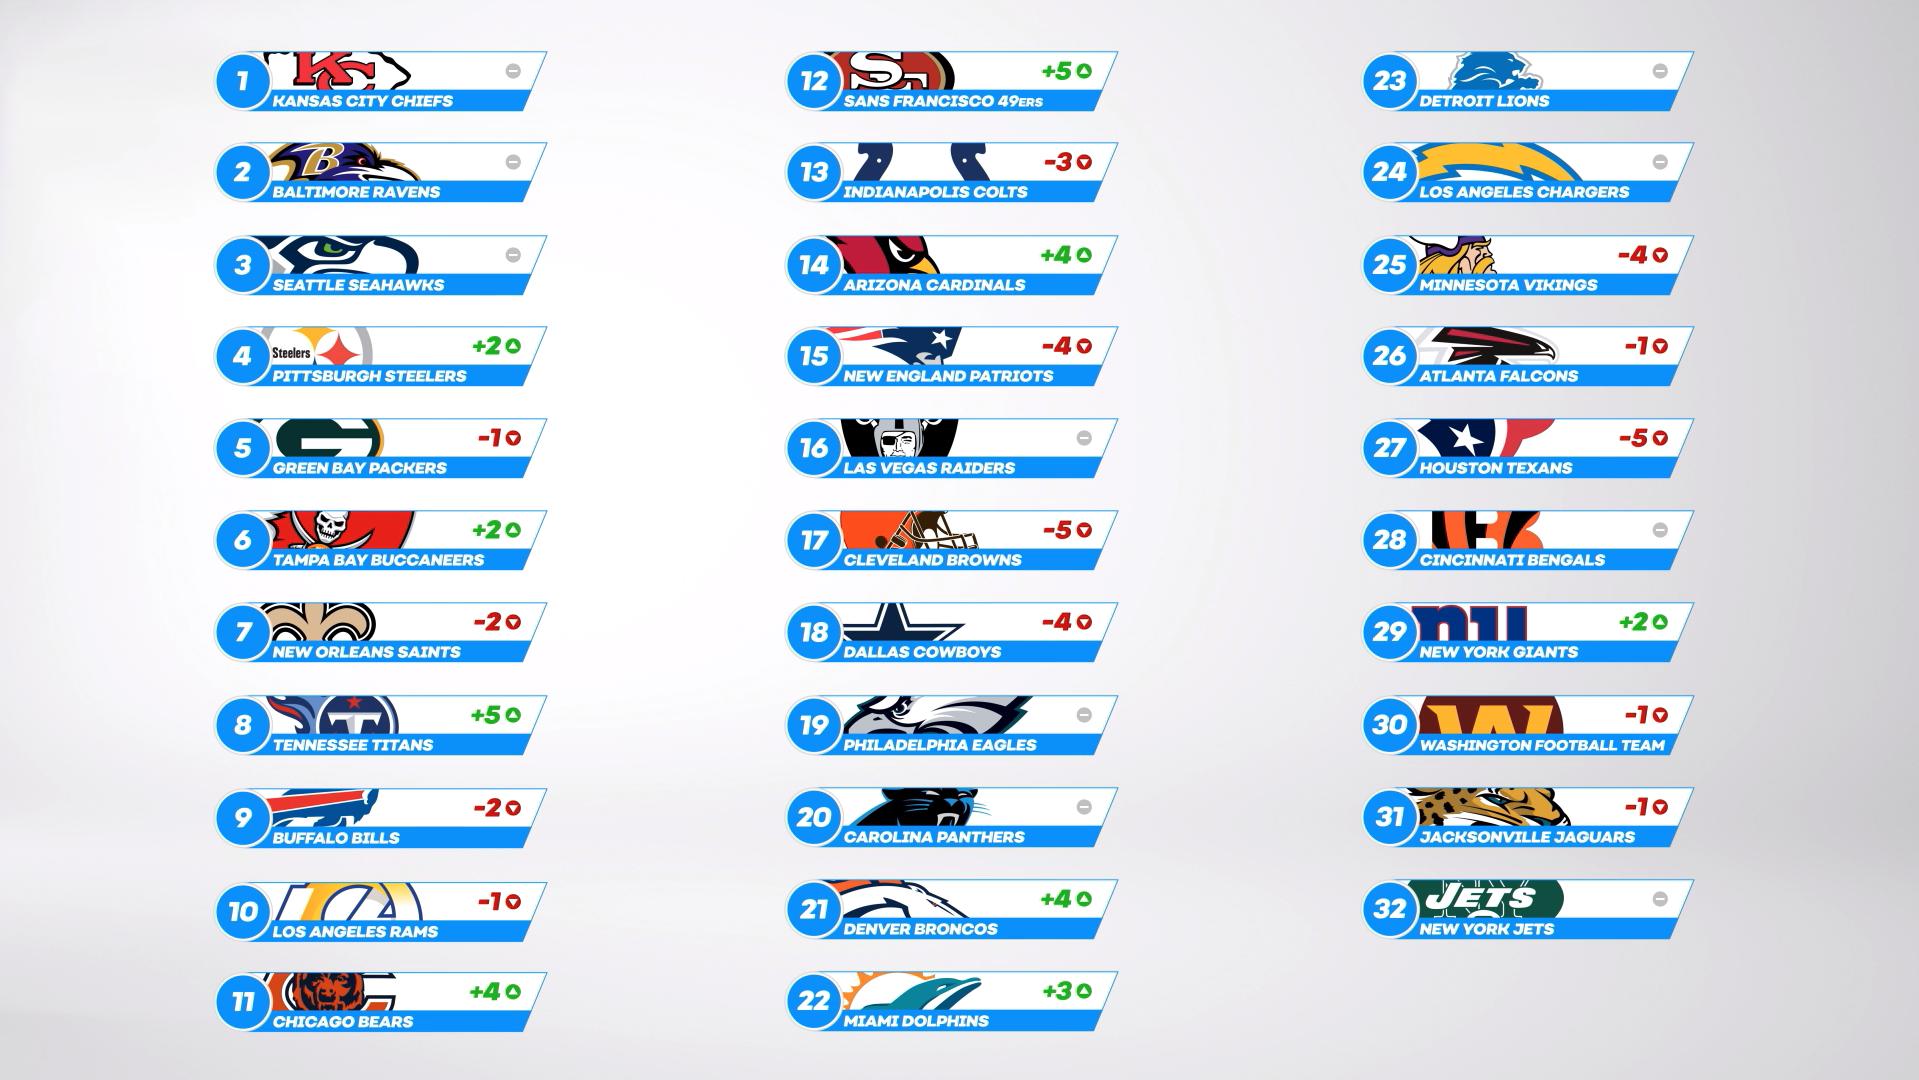 Full Power Rankings - Week 7